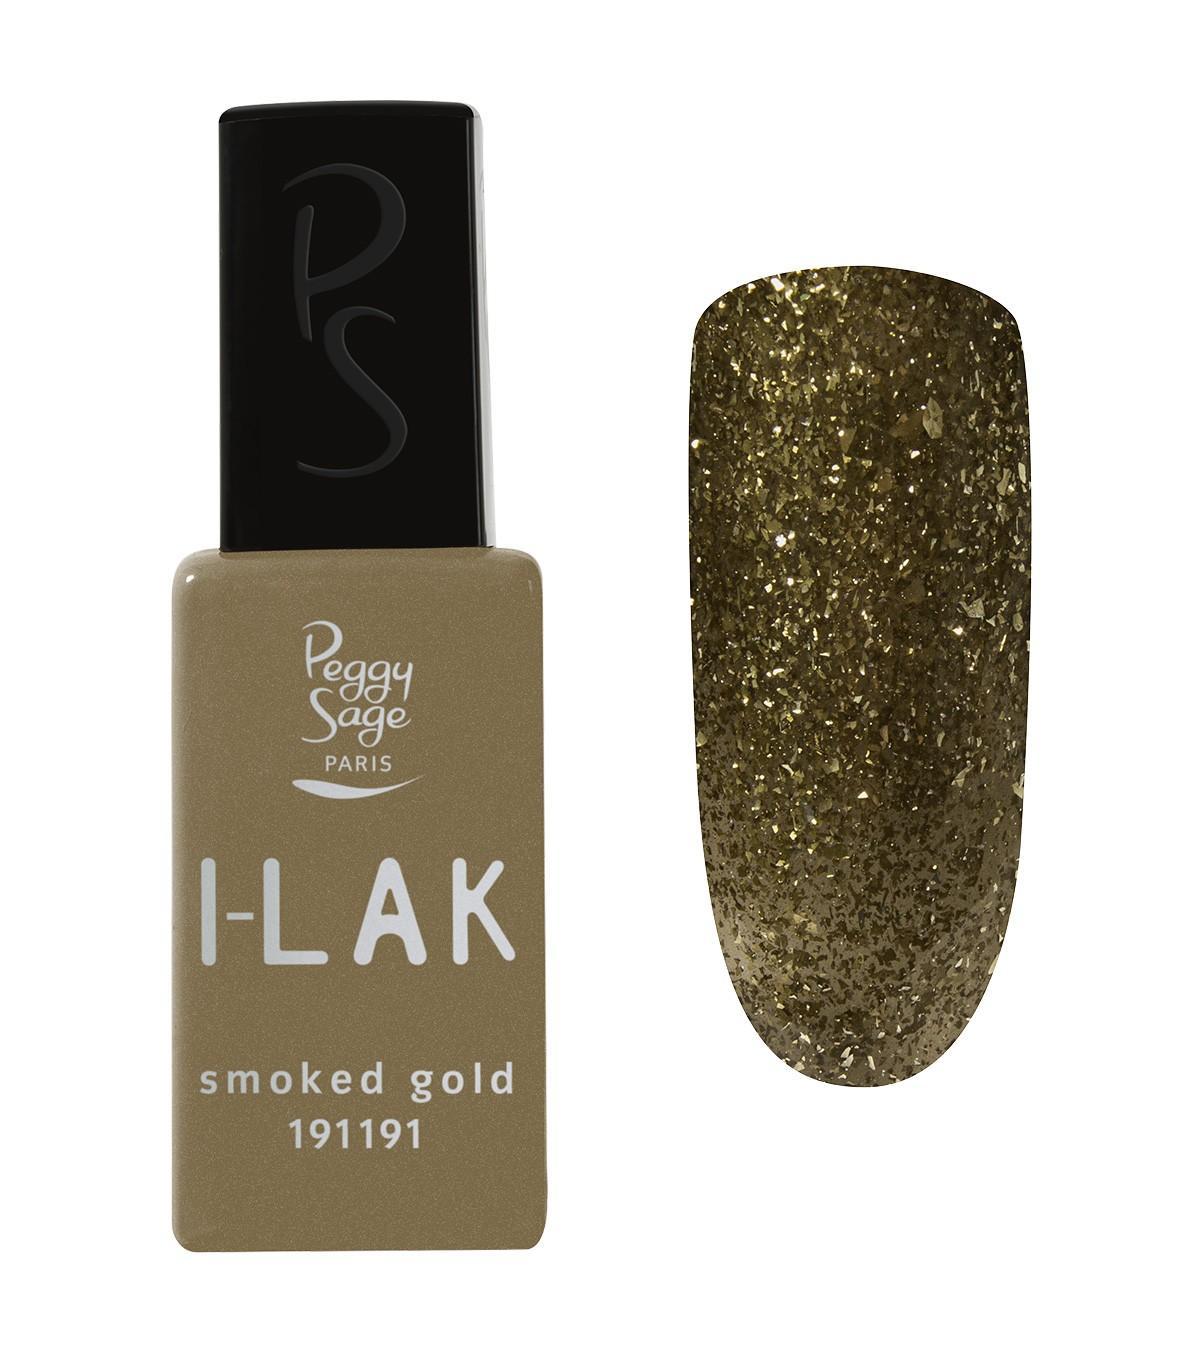 I-LAK Smoked gold